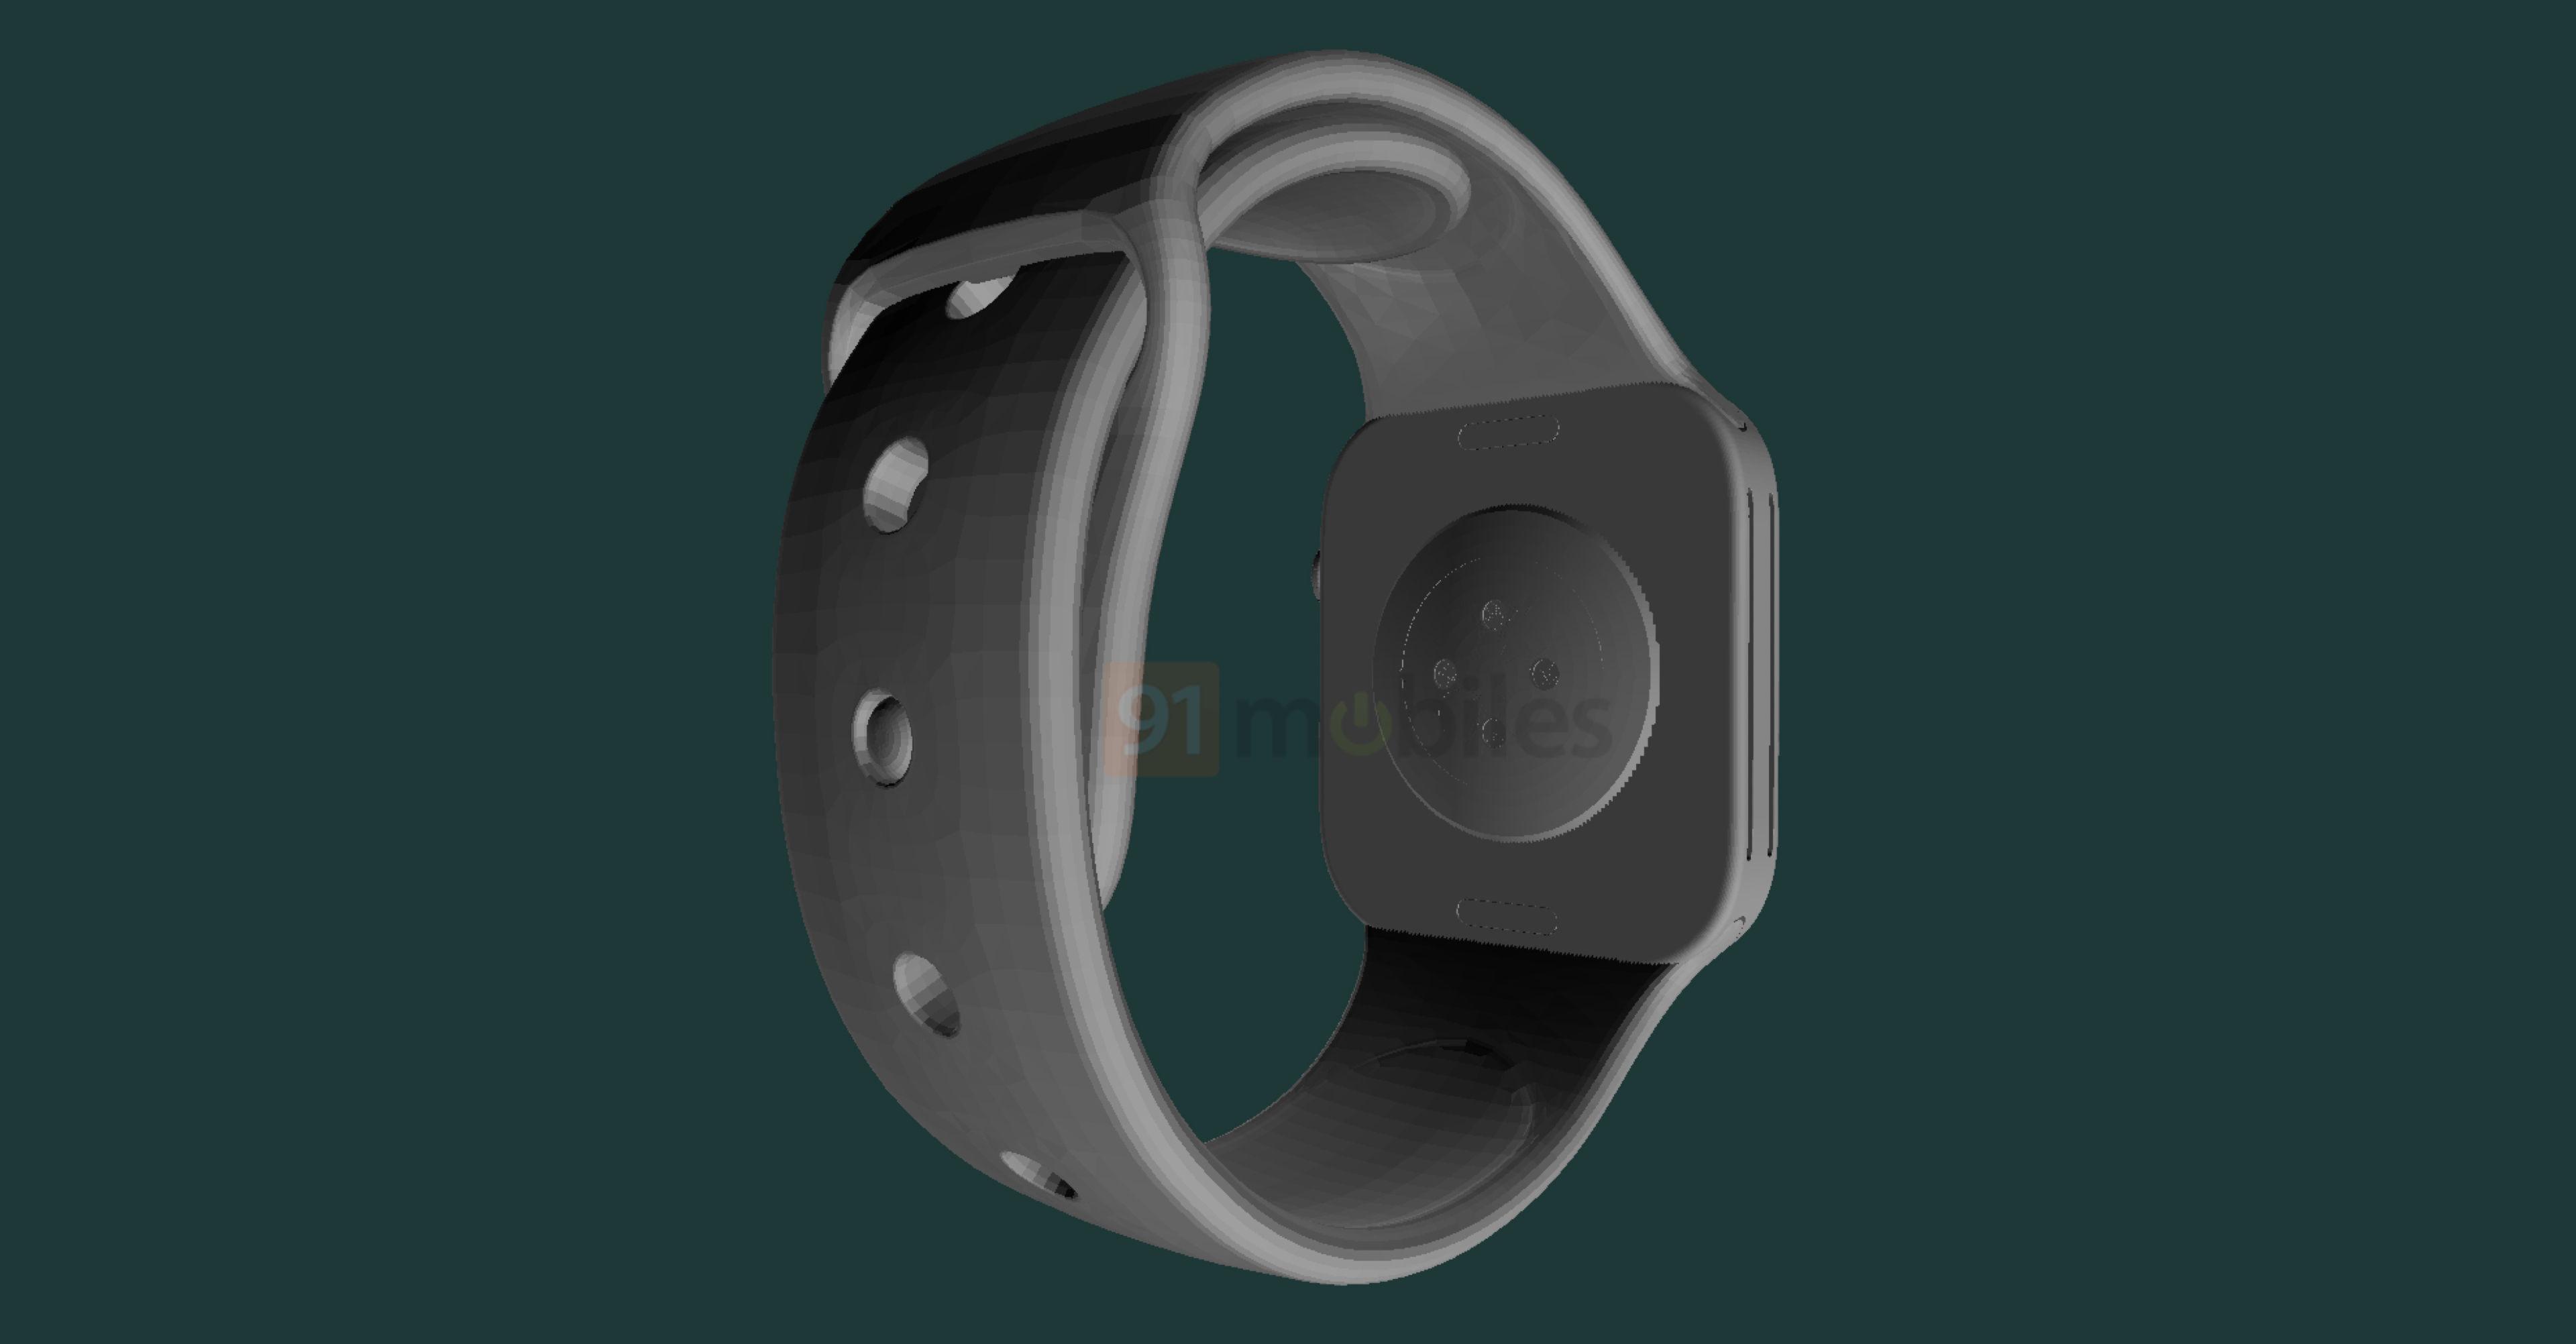 Apple-Watch-Series-7-Rear-Leak